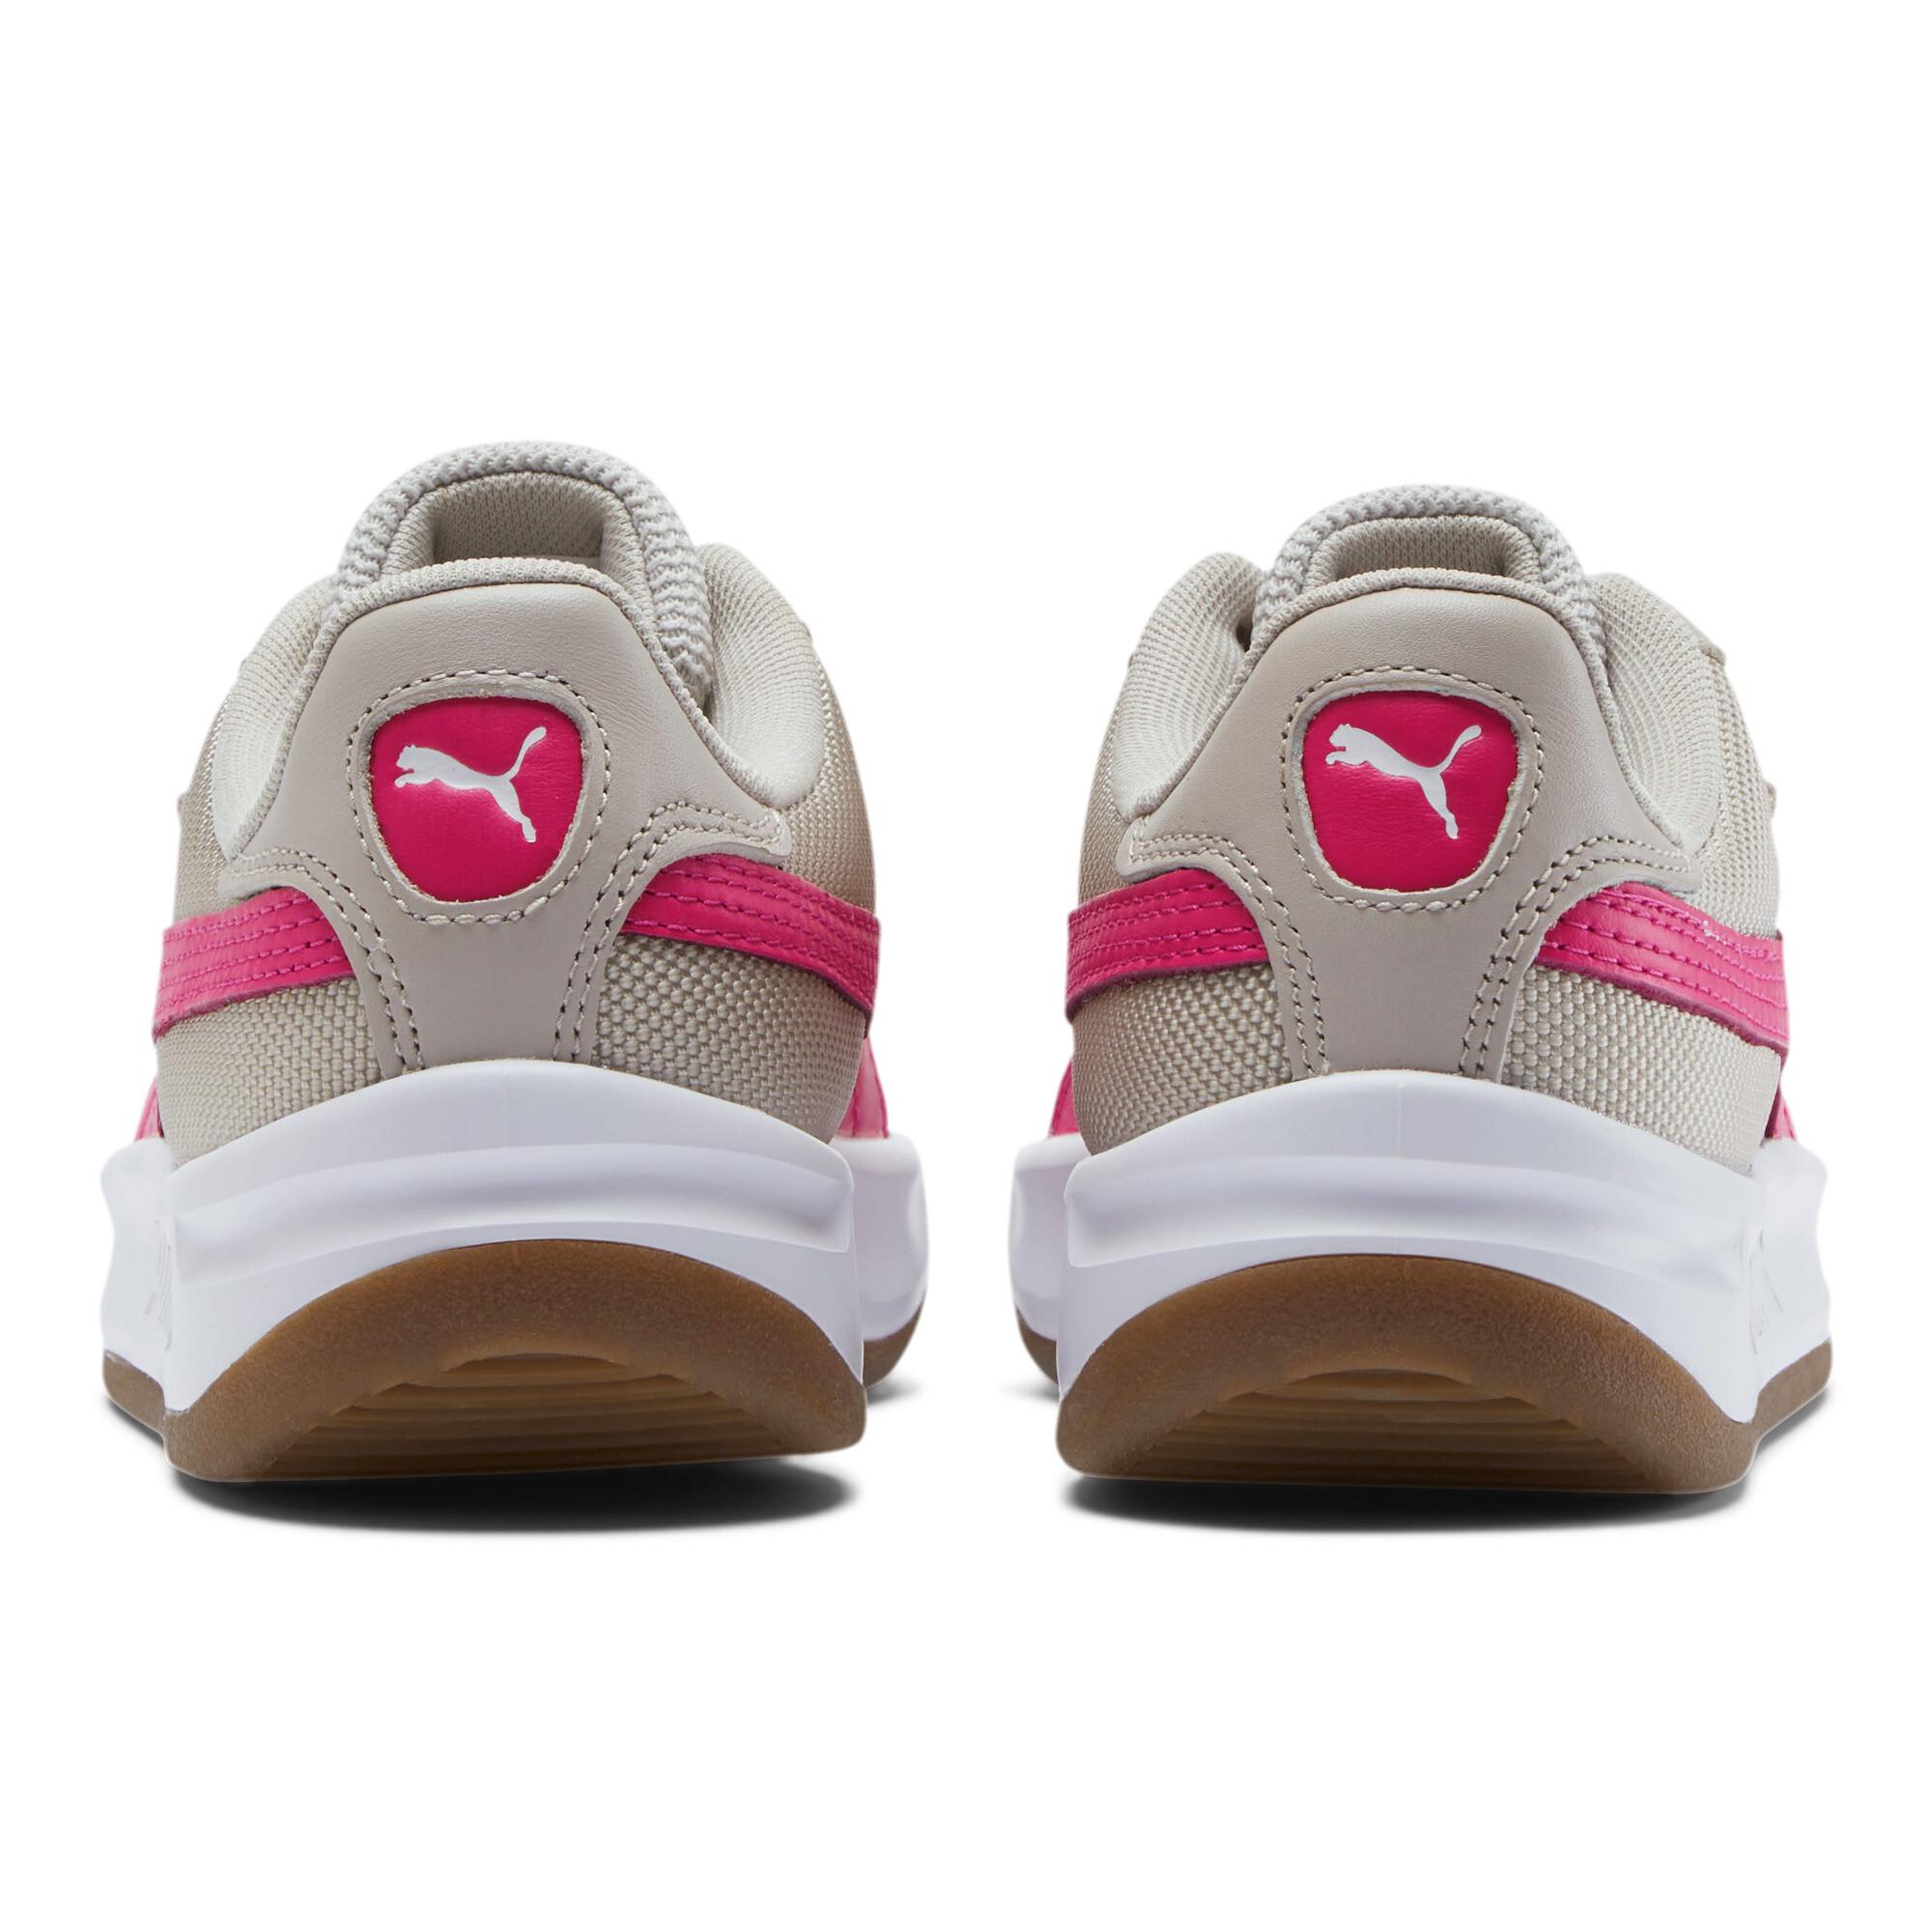 PUMA-California-Women-039-s-Sneakers-Women-Shoe-Sport-Classics thumbnail 14